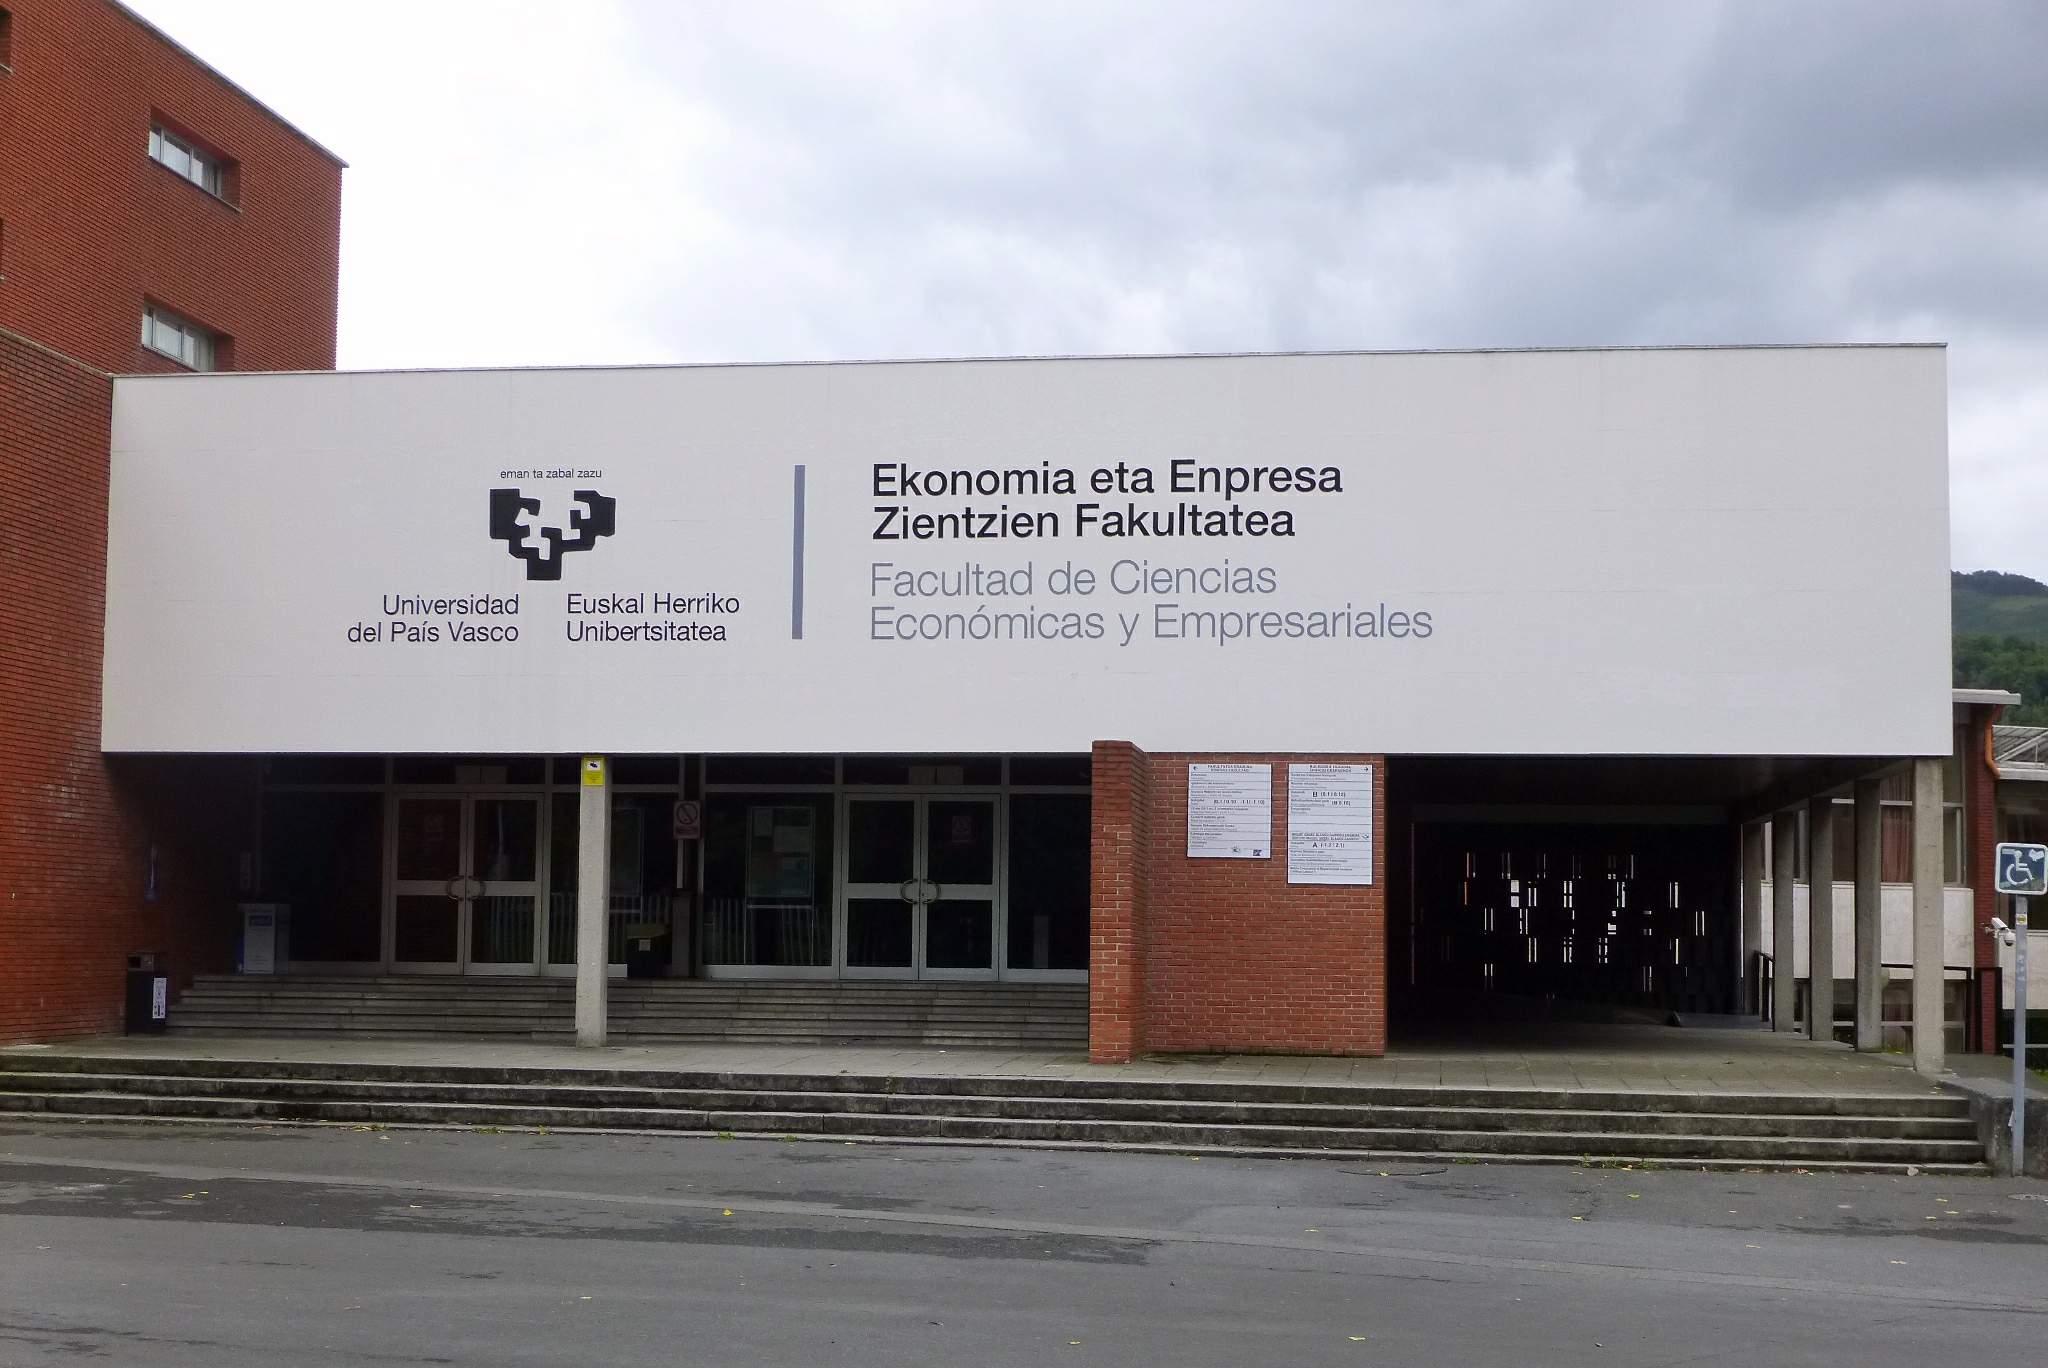 Bilbao_-_Facultad_de_Ciencias_Económicas_y_Empresariales_de_la_UPV-EHU_(Sarriko)_2